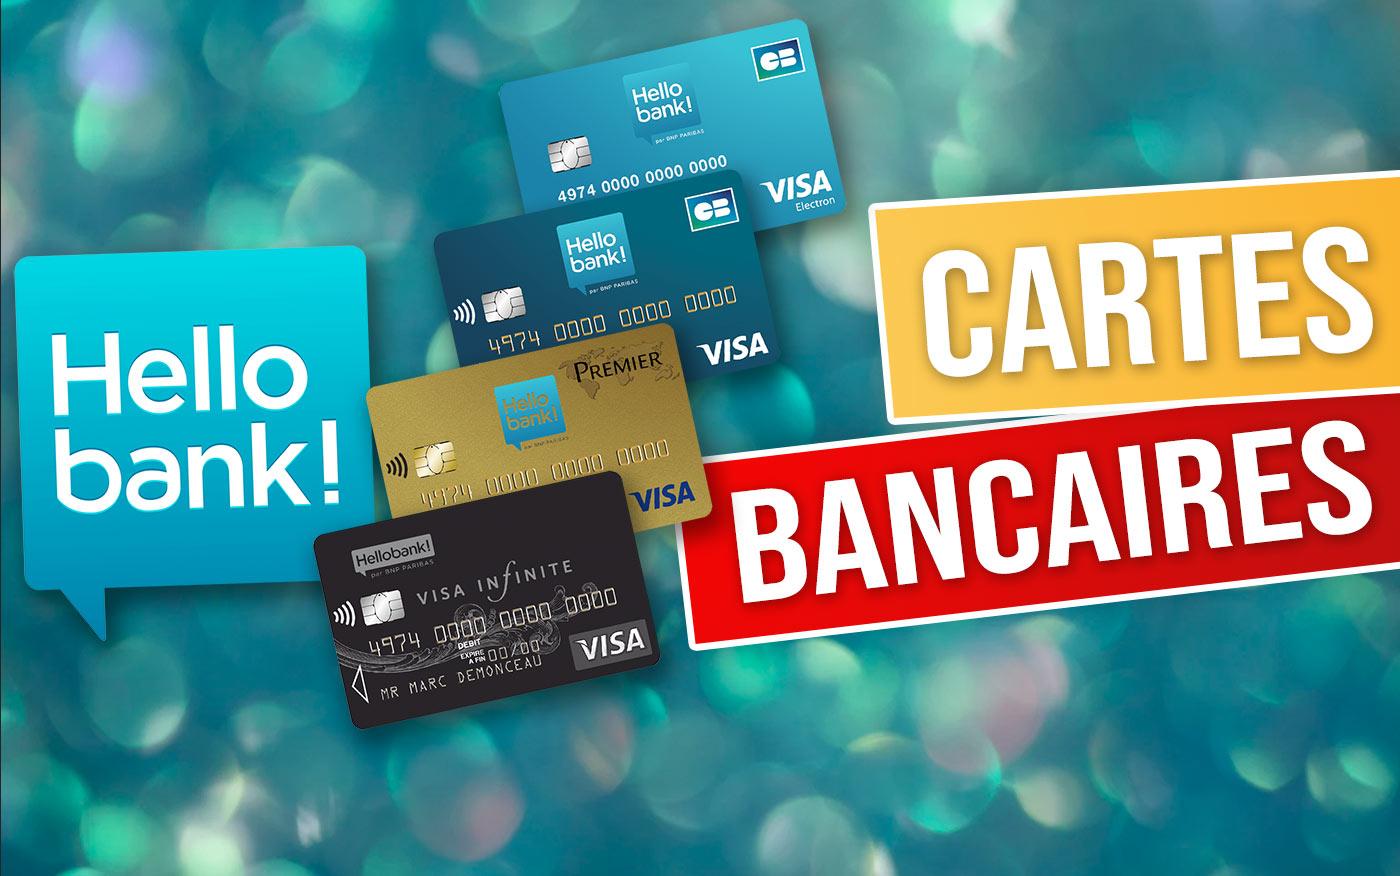 Hello bank cartes bancaires avis